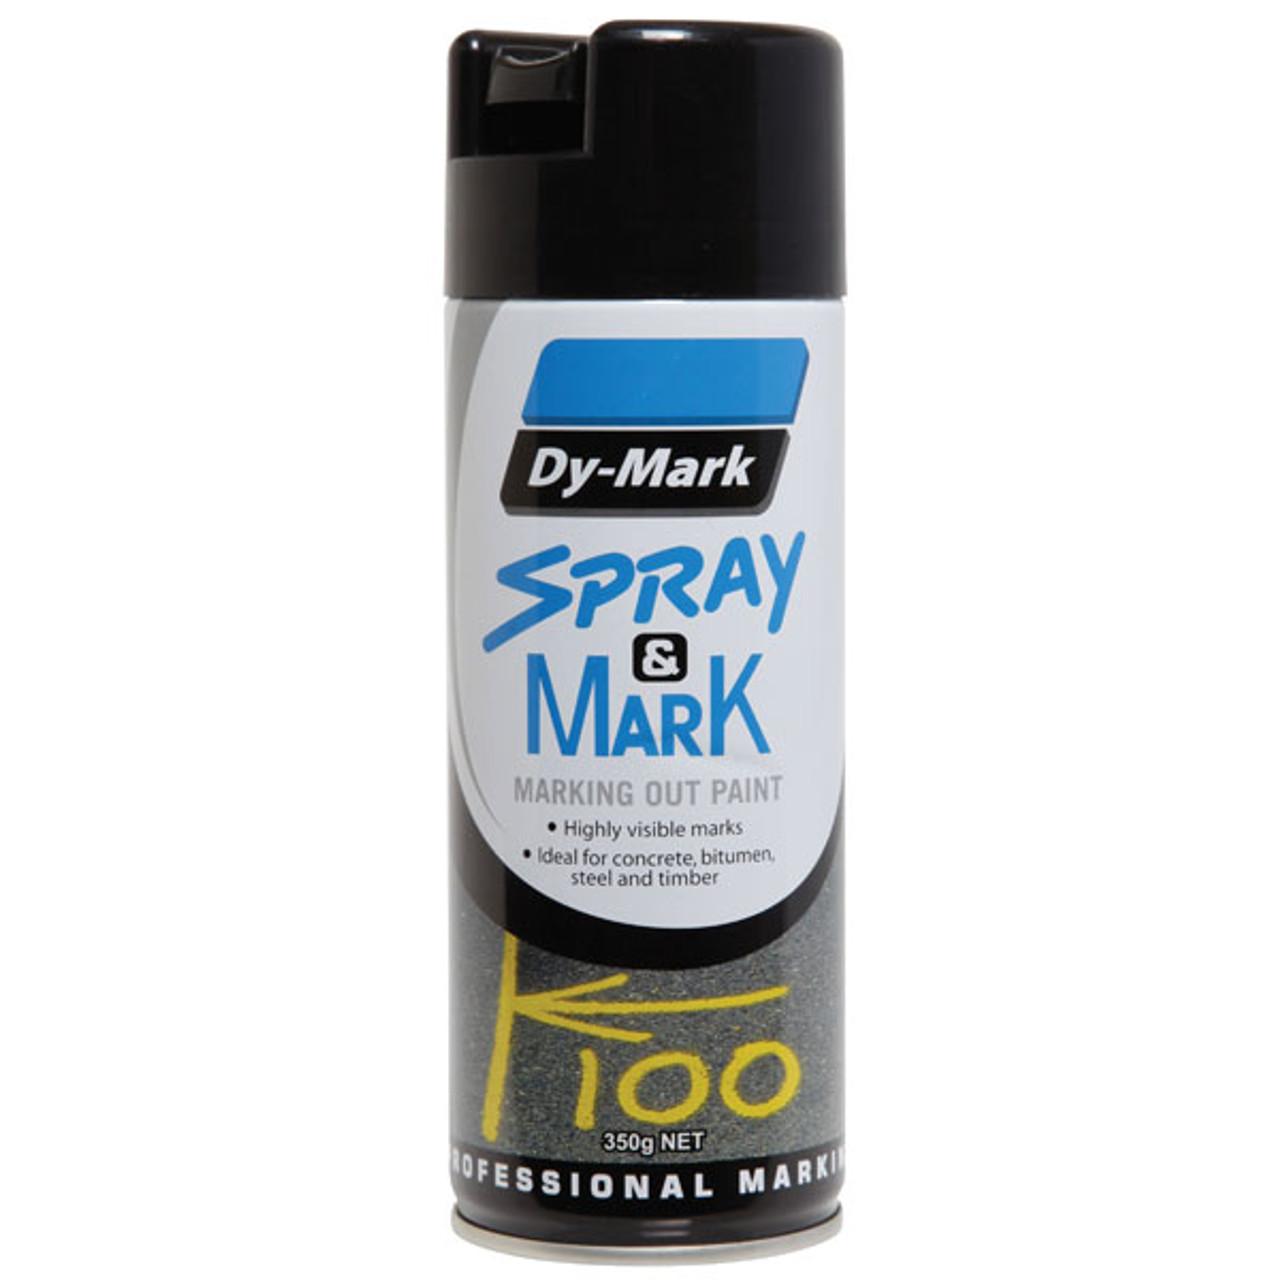 Spray & Mark 350g Multiple Colors